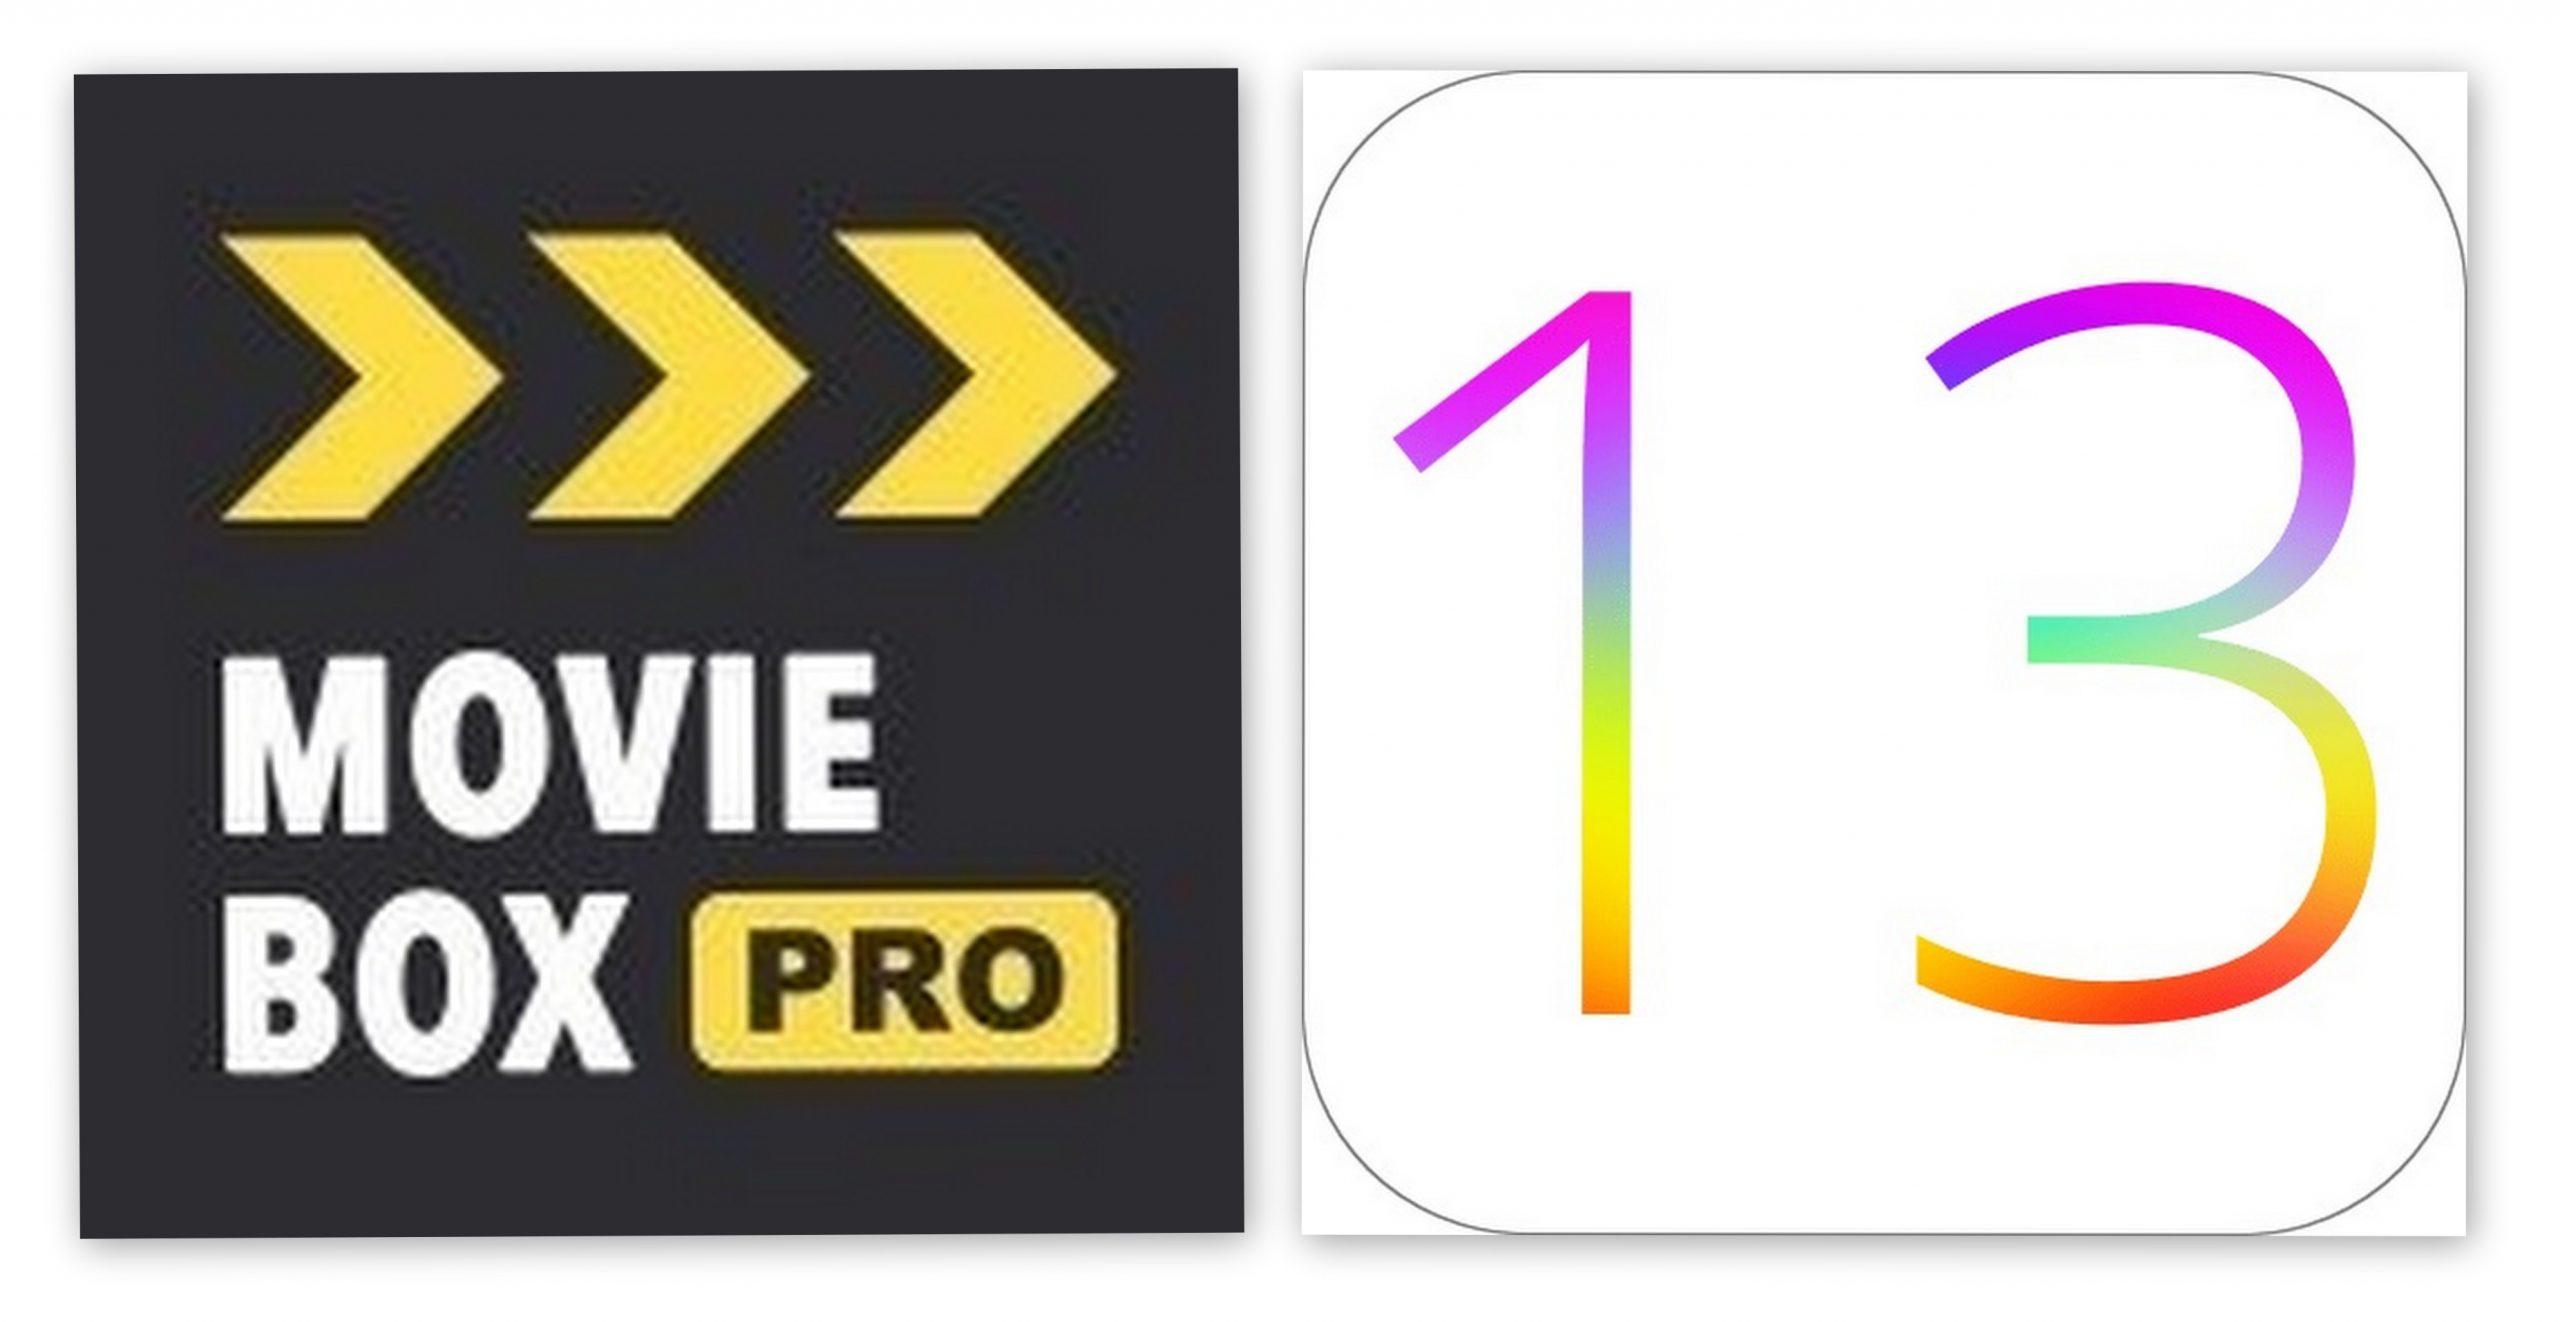 moviebxo pro ios 13